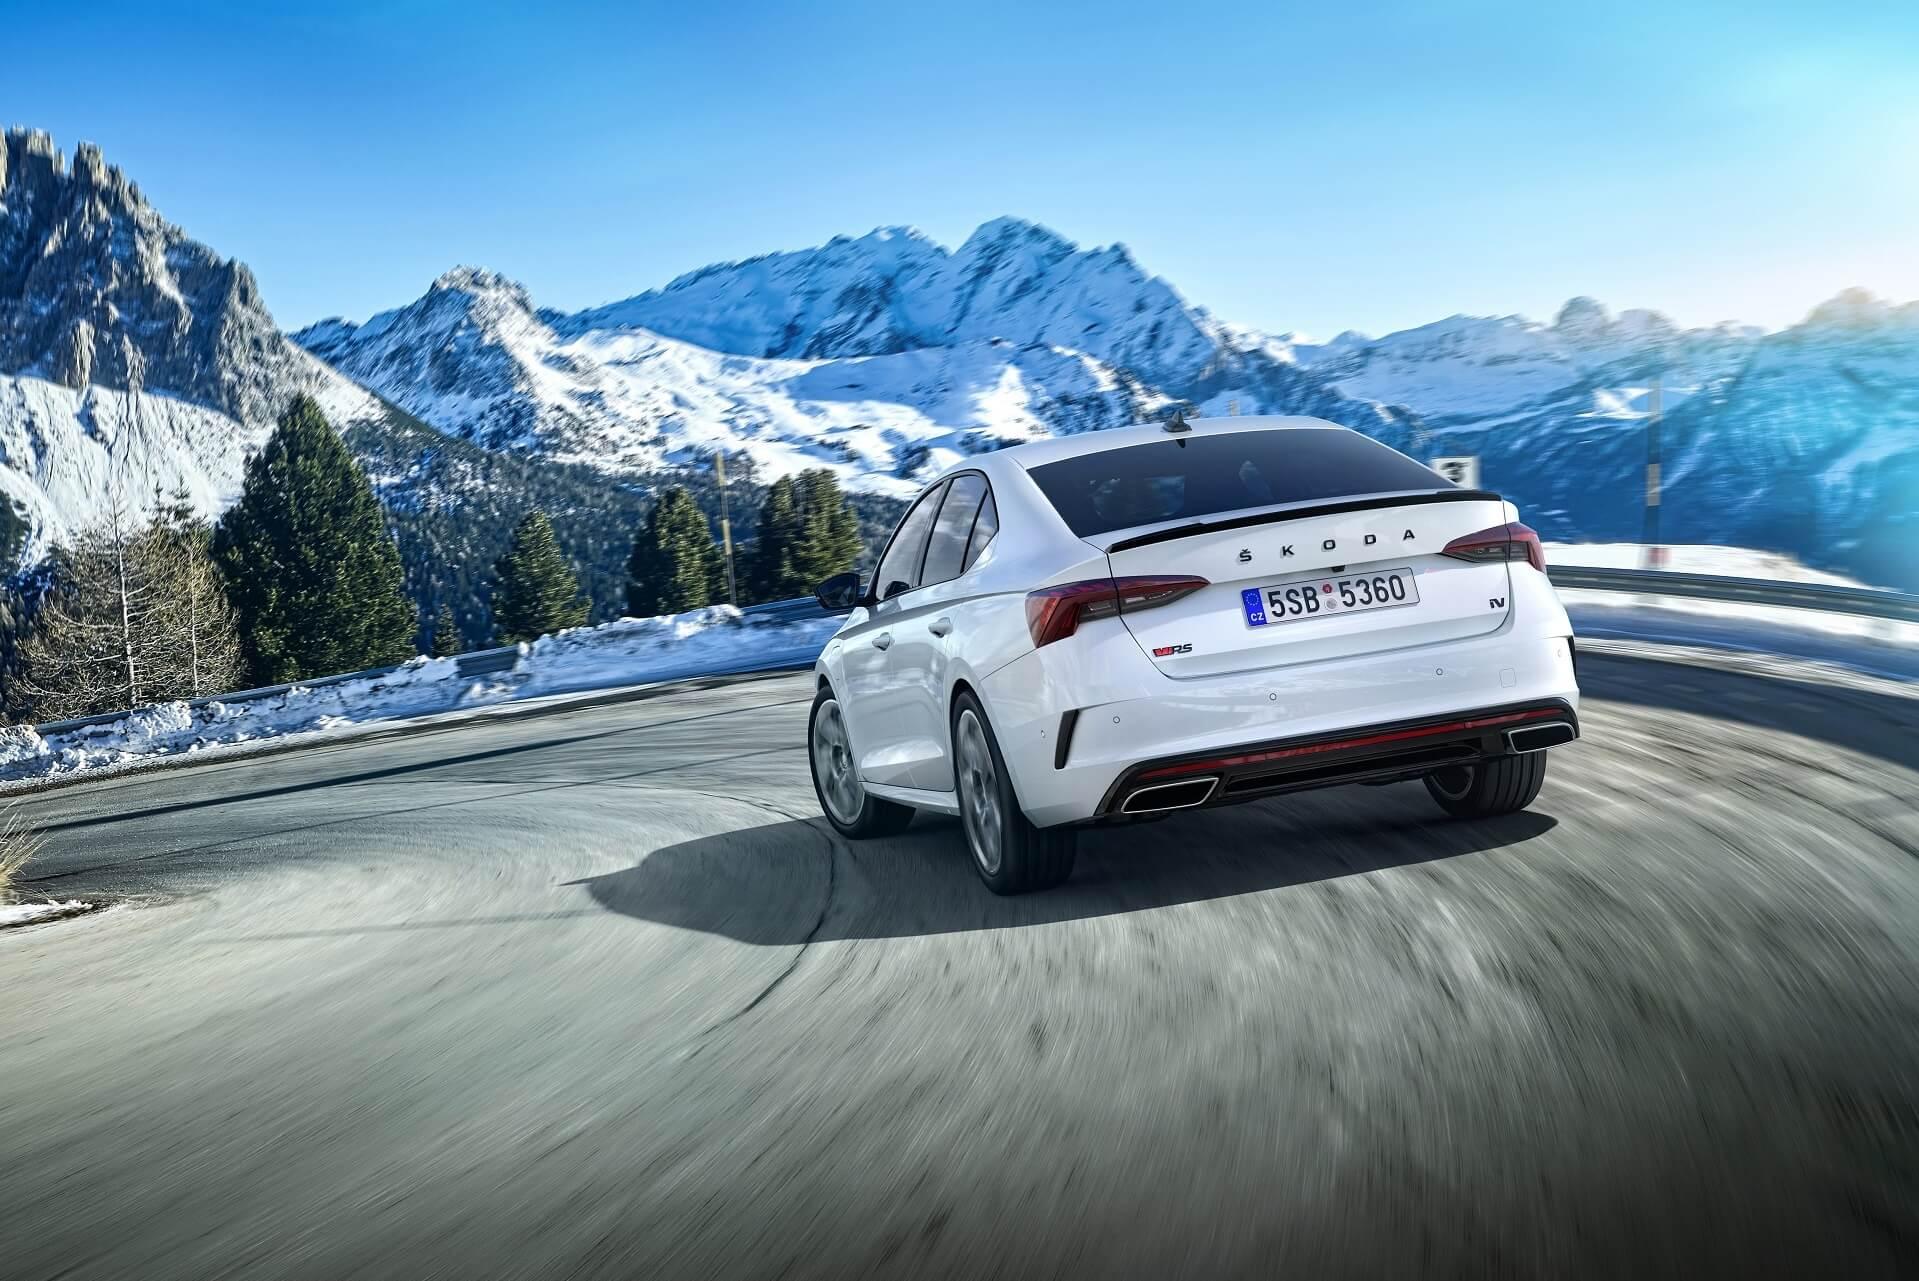 Η νέα SKODA OCTAVIA RS iV σε κίνηση - Χιονισμένο τοπίο